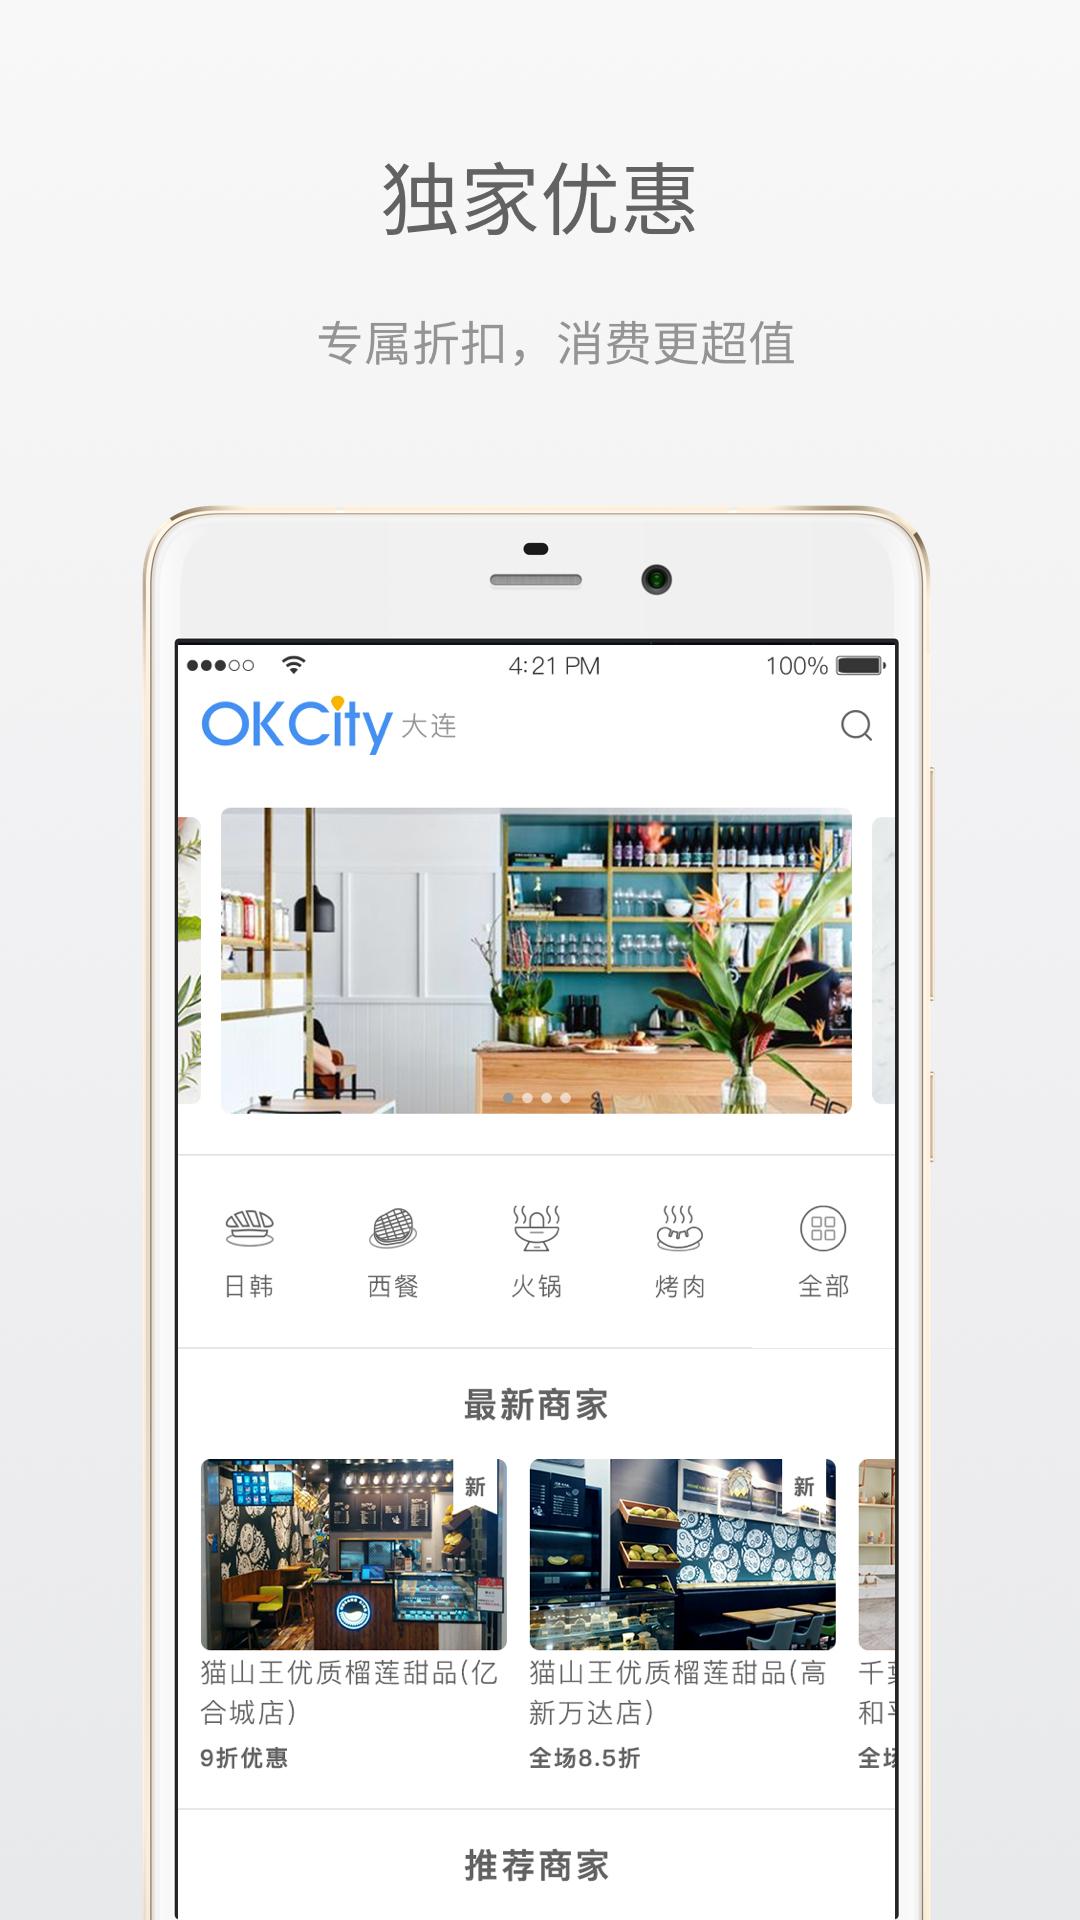 OKCity